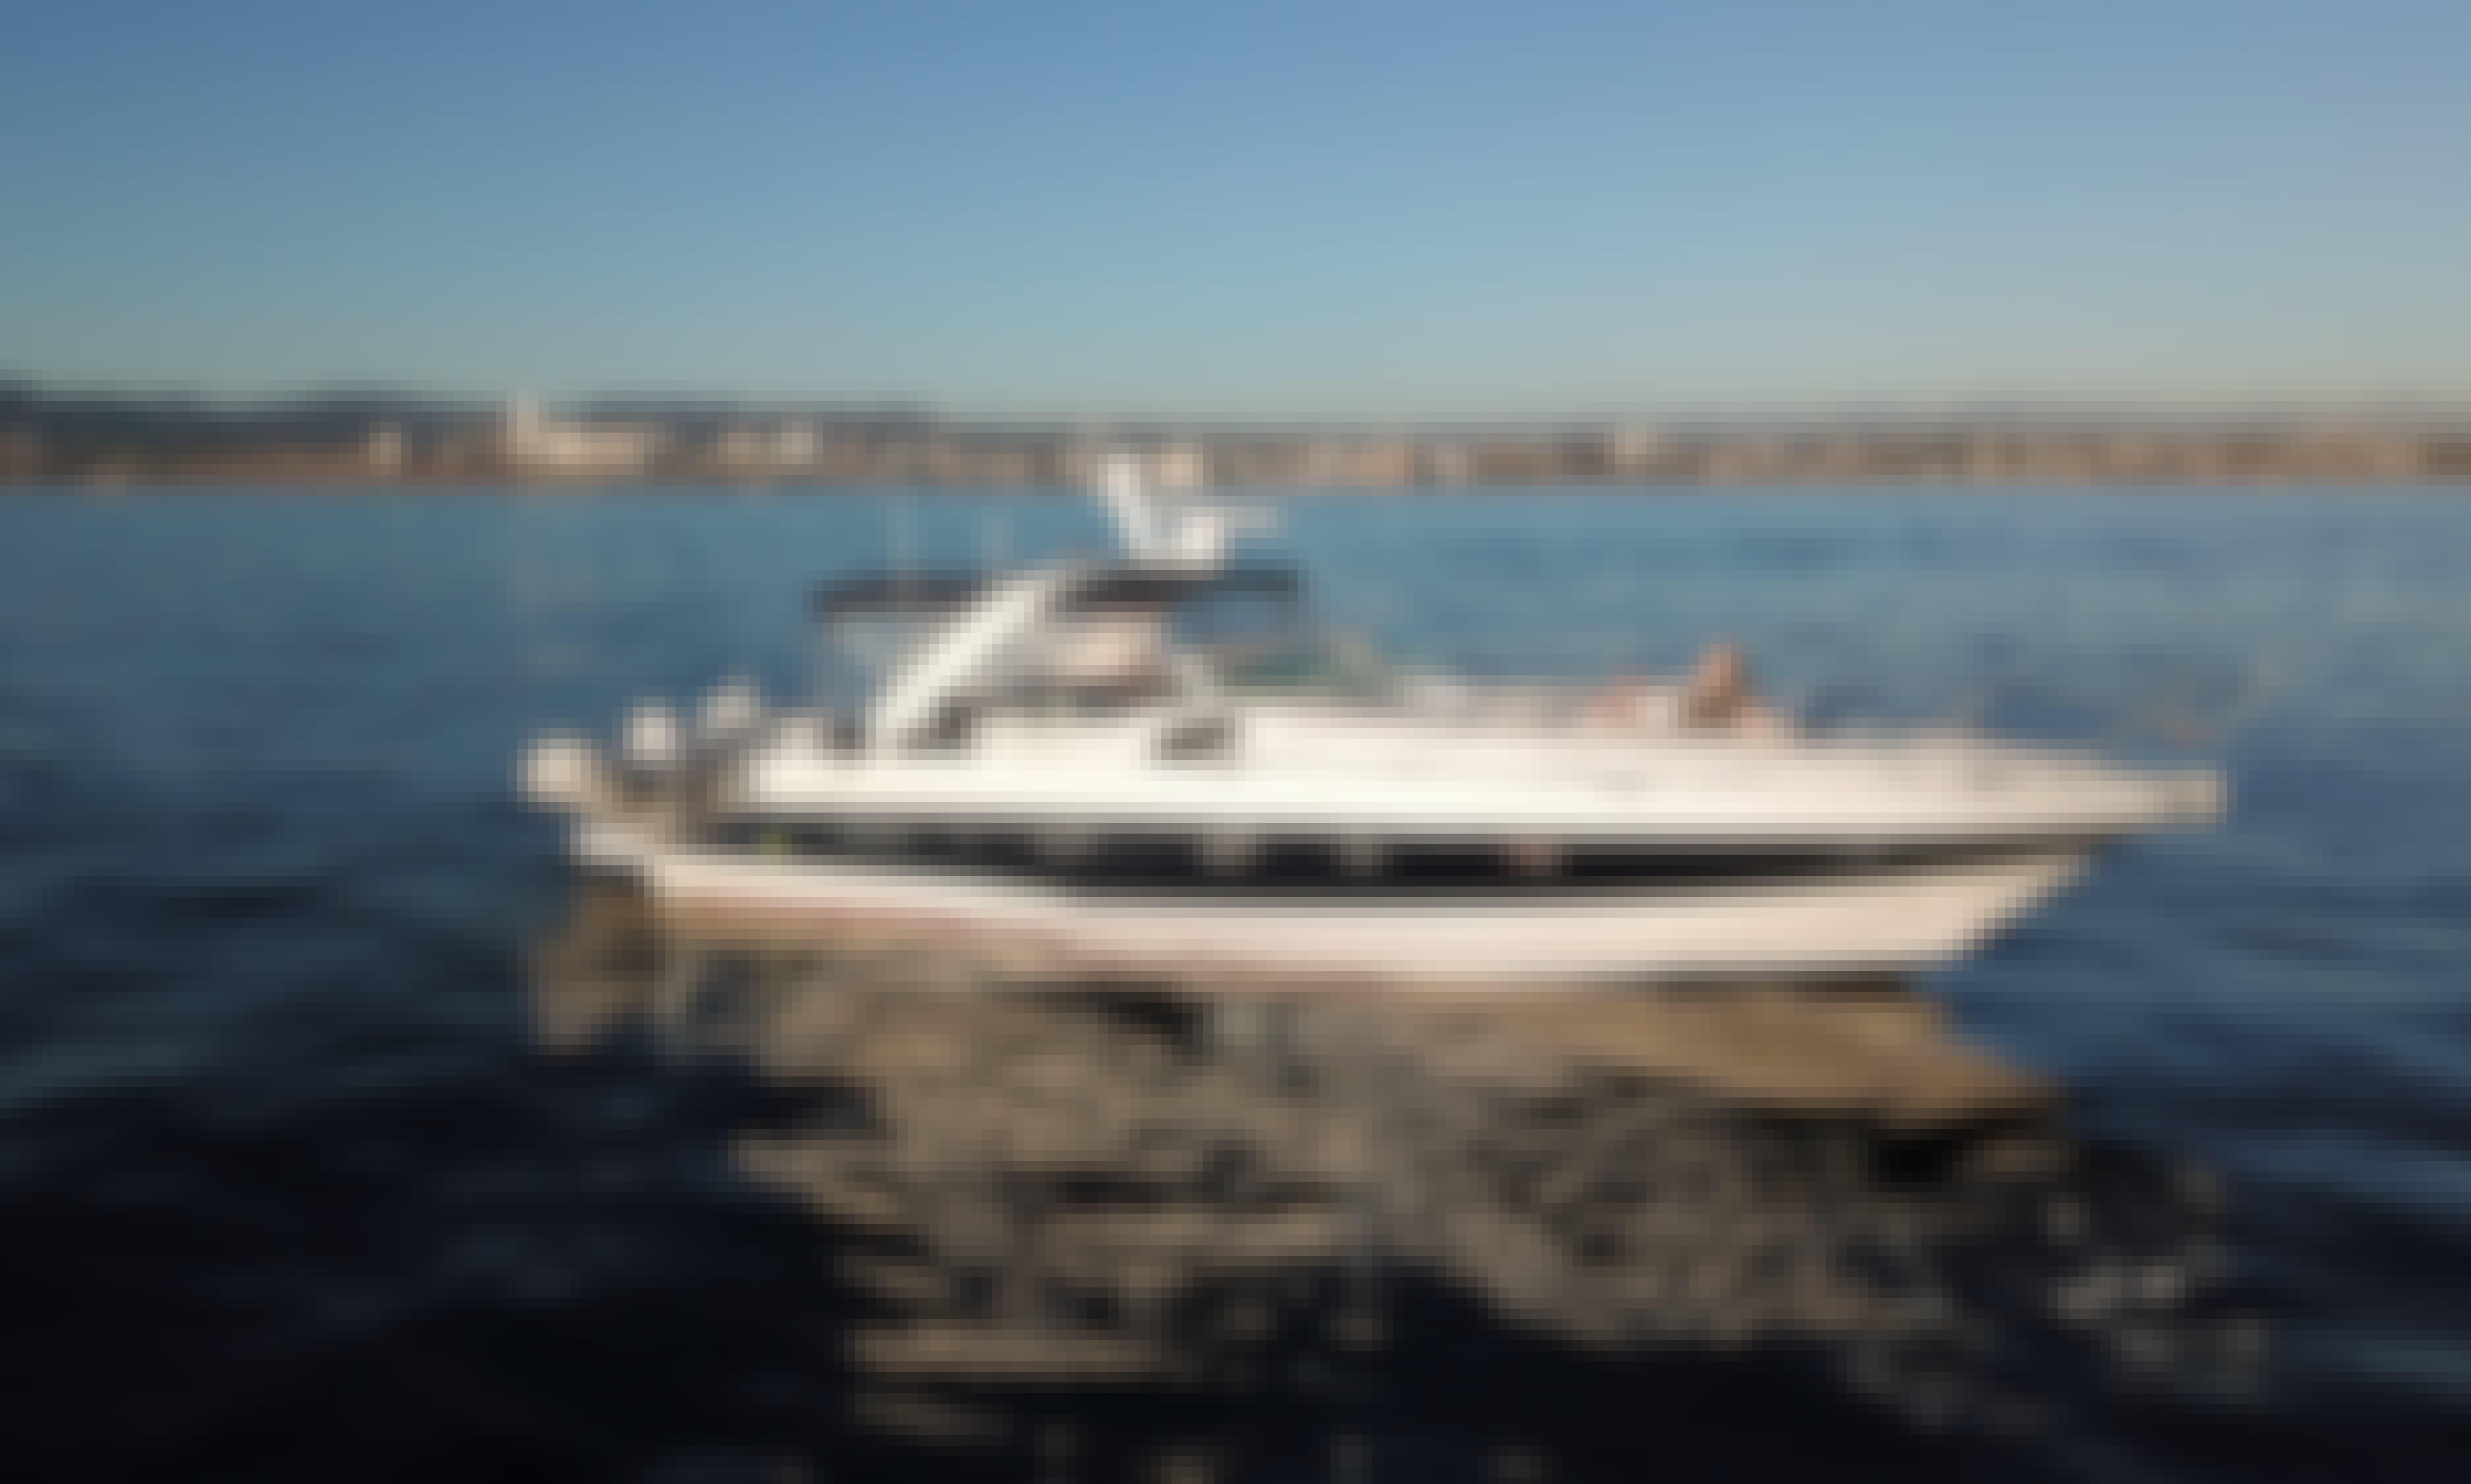 47' Doral Alegria Ocean Cruiser in Marina del Rey